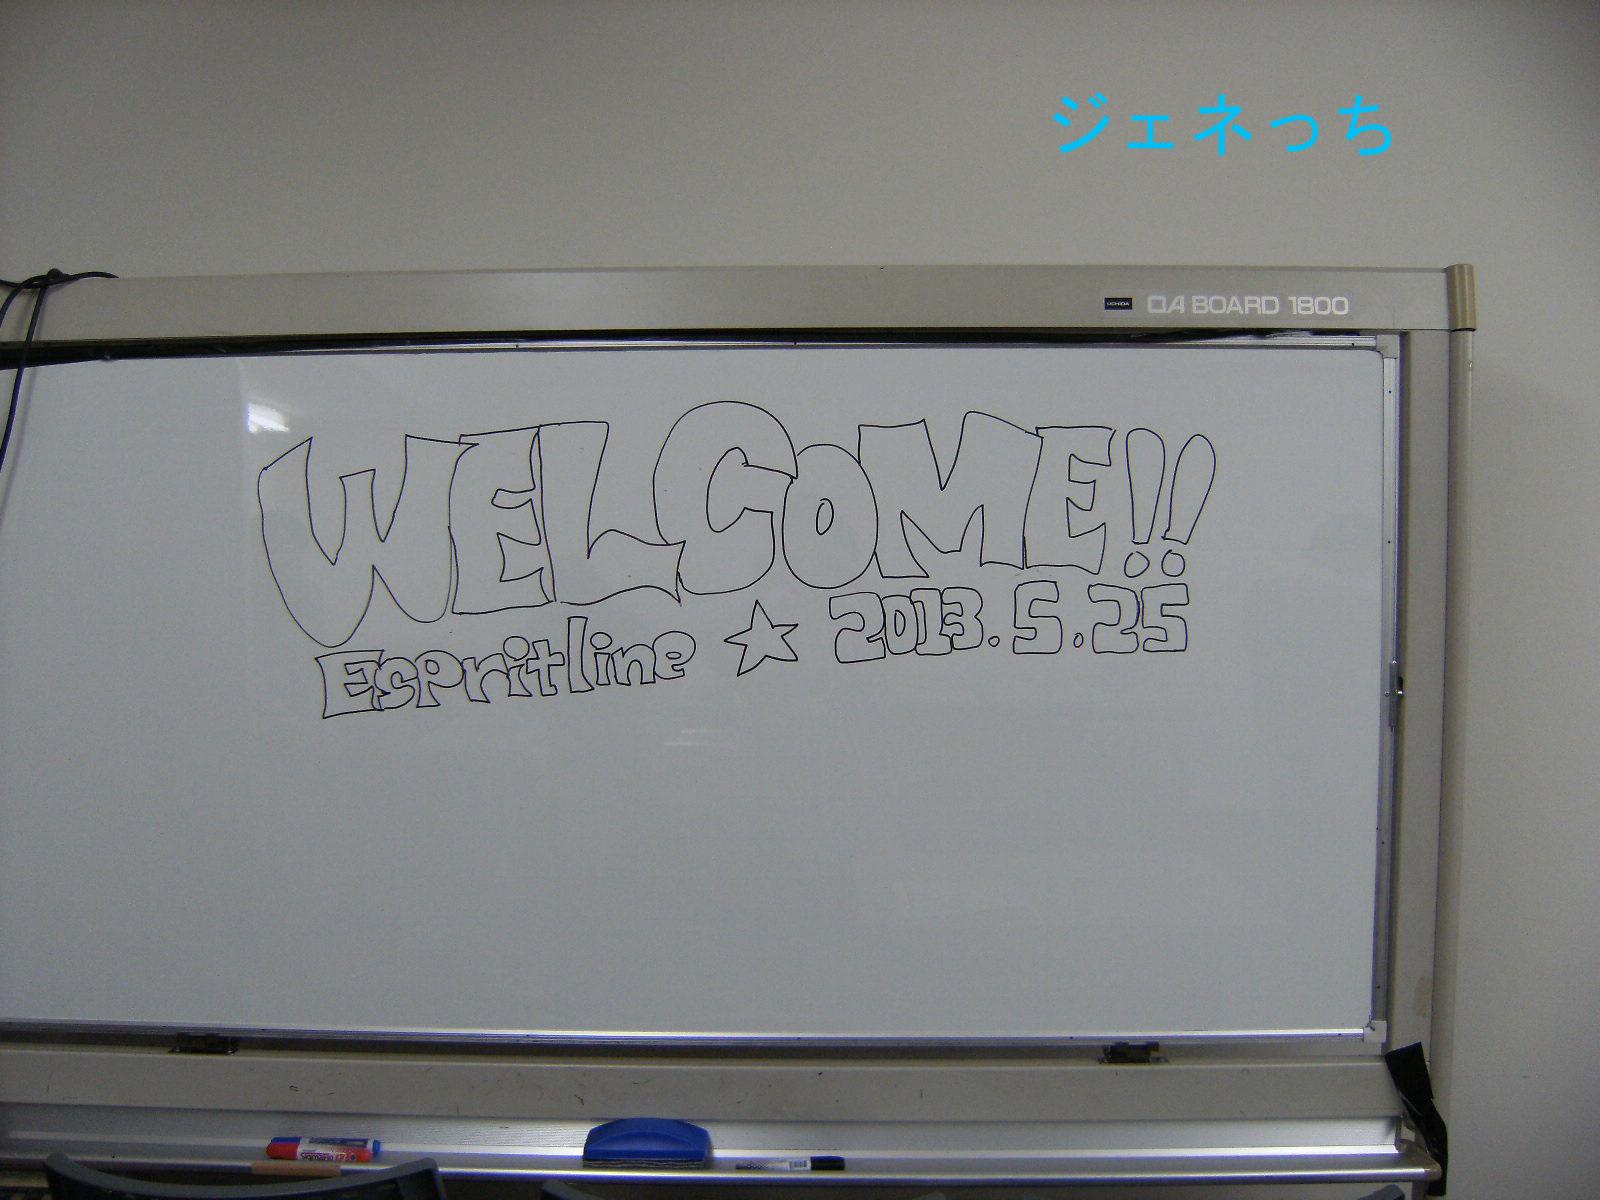 エスプリライン勉強会2013.5.